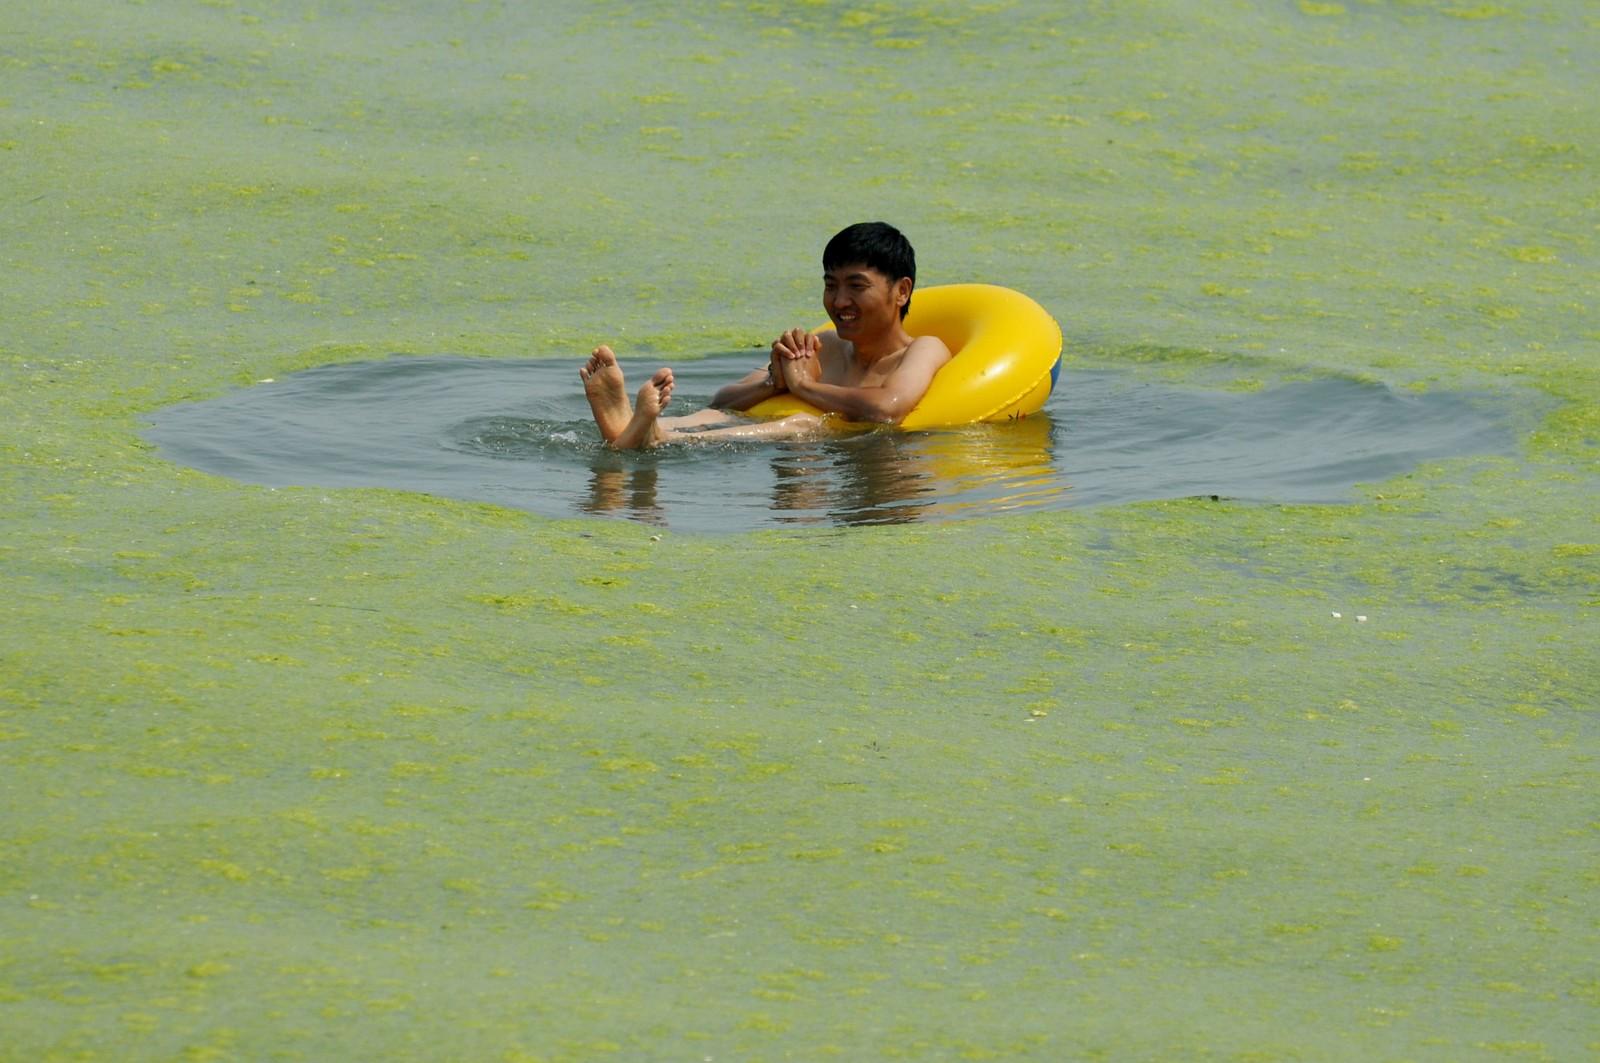 Hvert år møter strandglade kinesere i Qingdao-provinsen alger når de skal bade. Hvorfor dette skjer, er foreløpig usikkert.